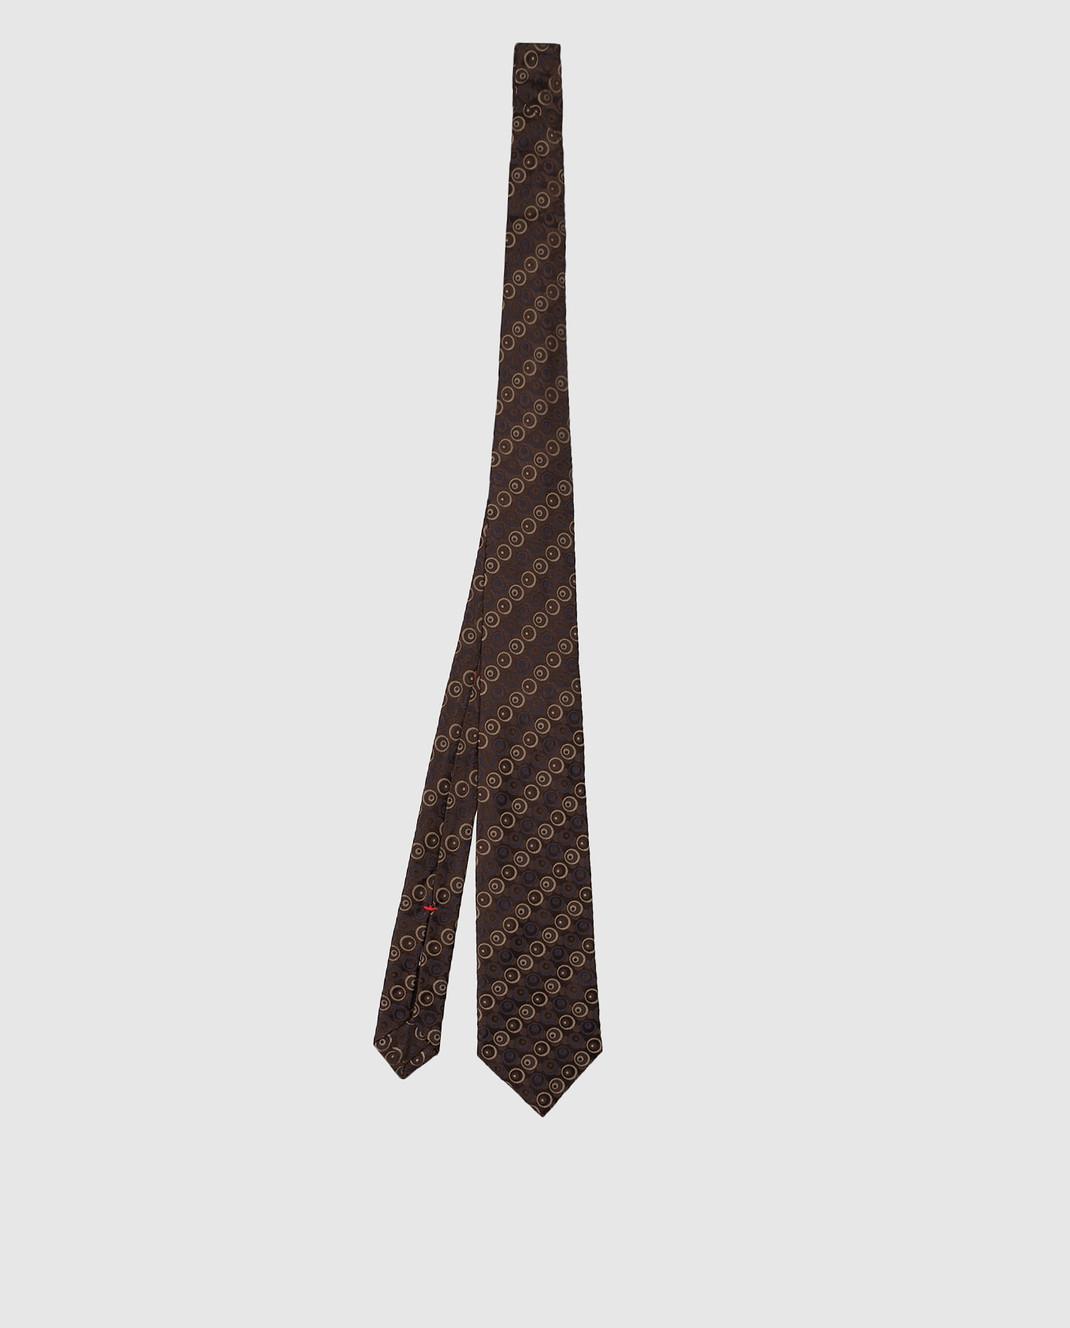 ISAIA Коричневый галстук из шелка CRV007CV53W изображение 3